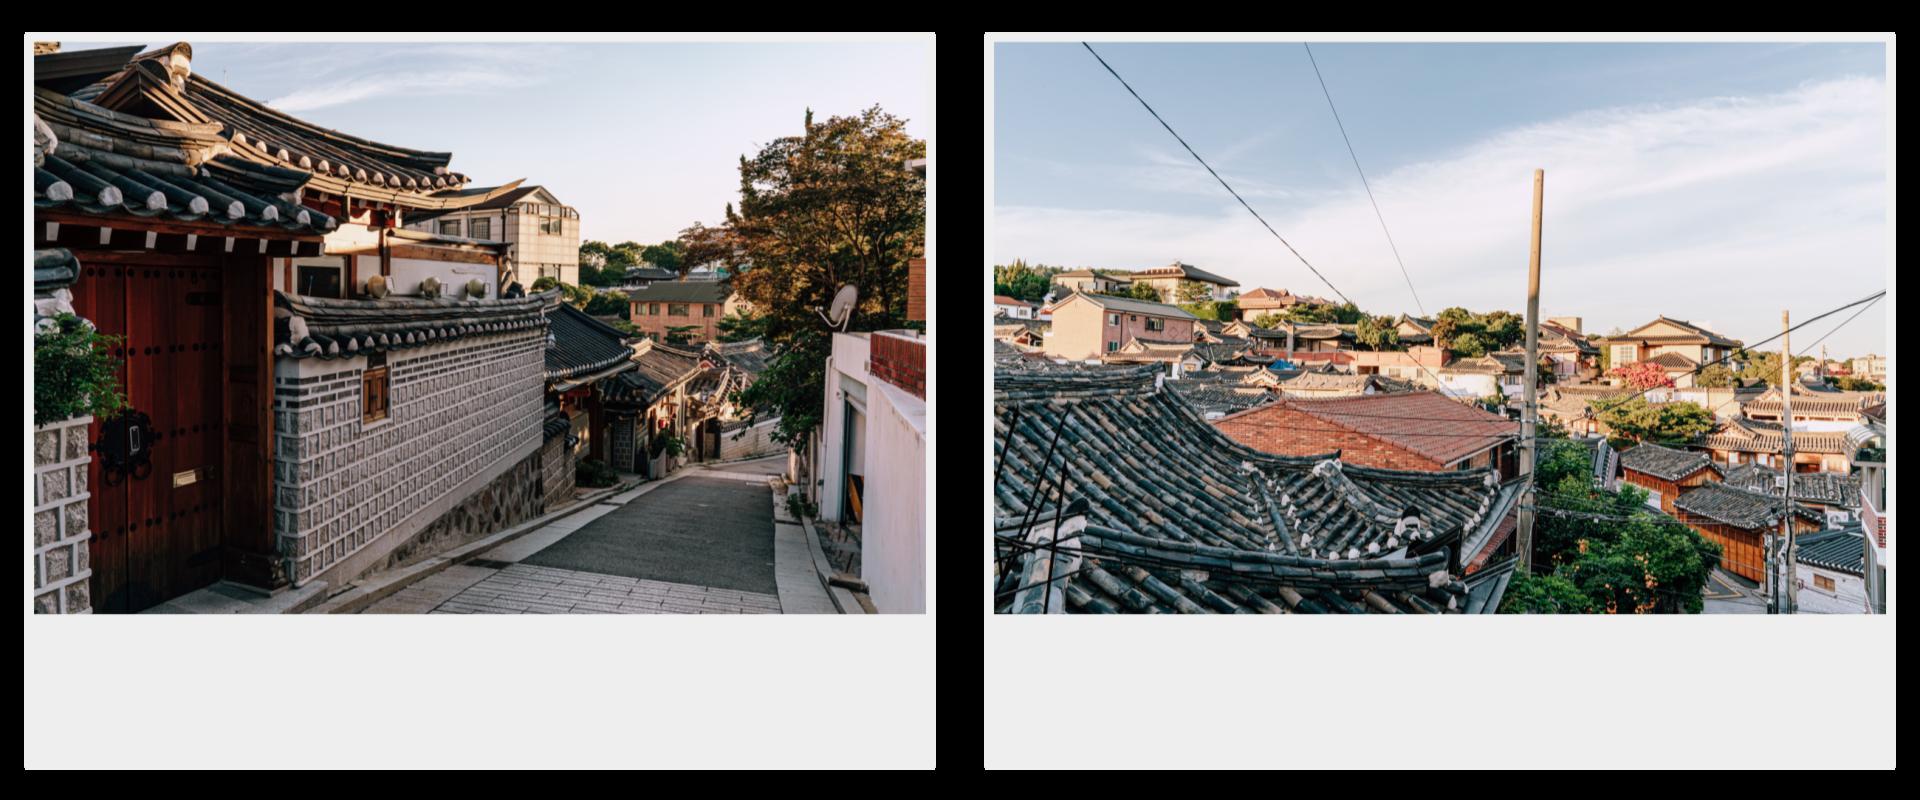 两张立拍得。左为韩屋村的下坡路,左方有韩屋的围墙和瓦屋顶,右为于山上俯瞰的北村韩屋村全景。